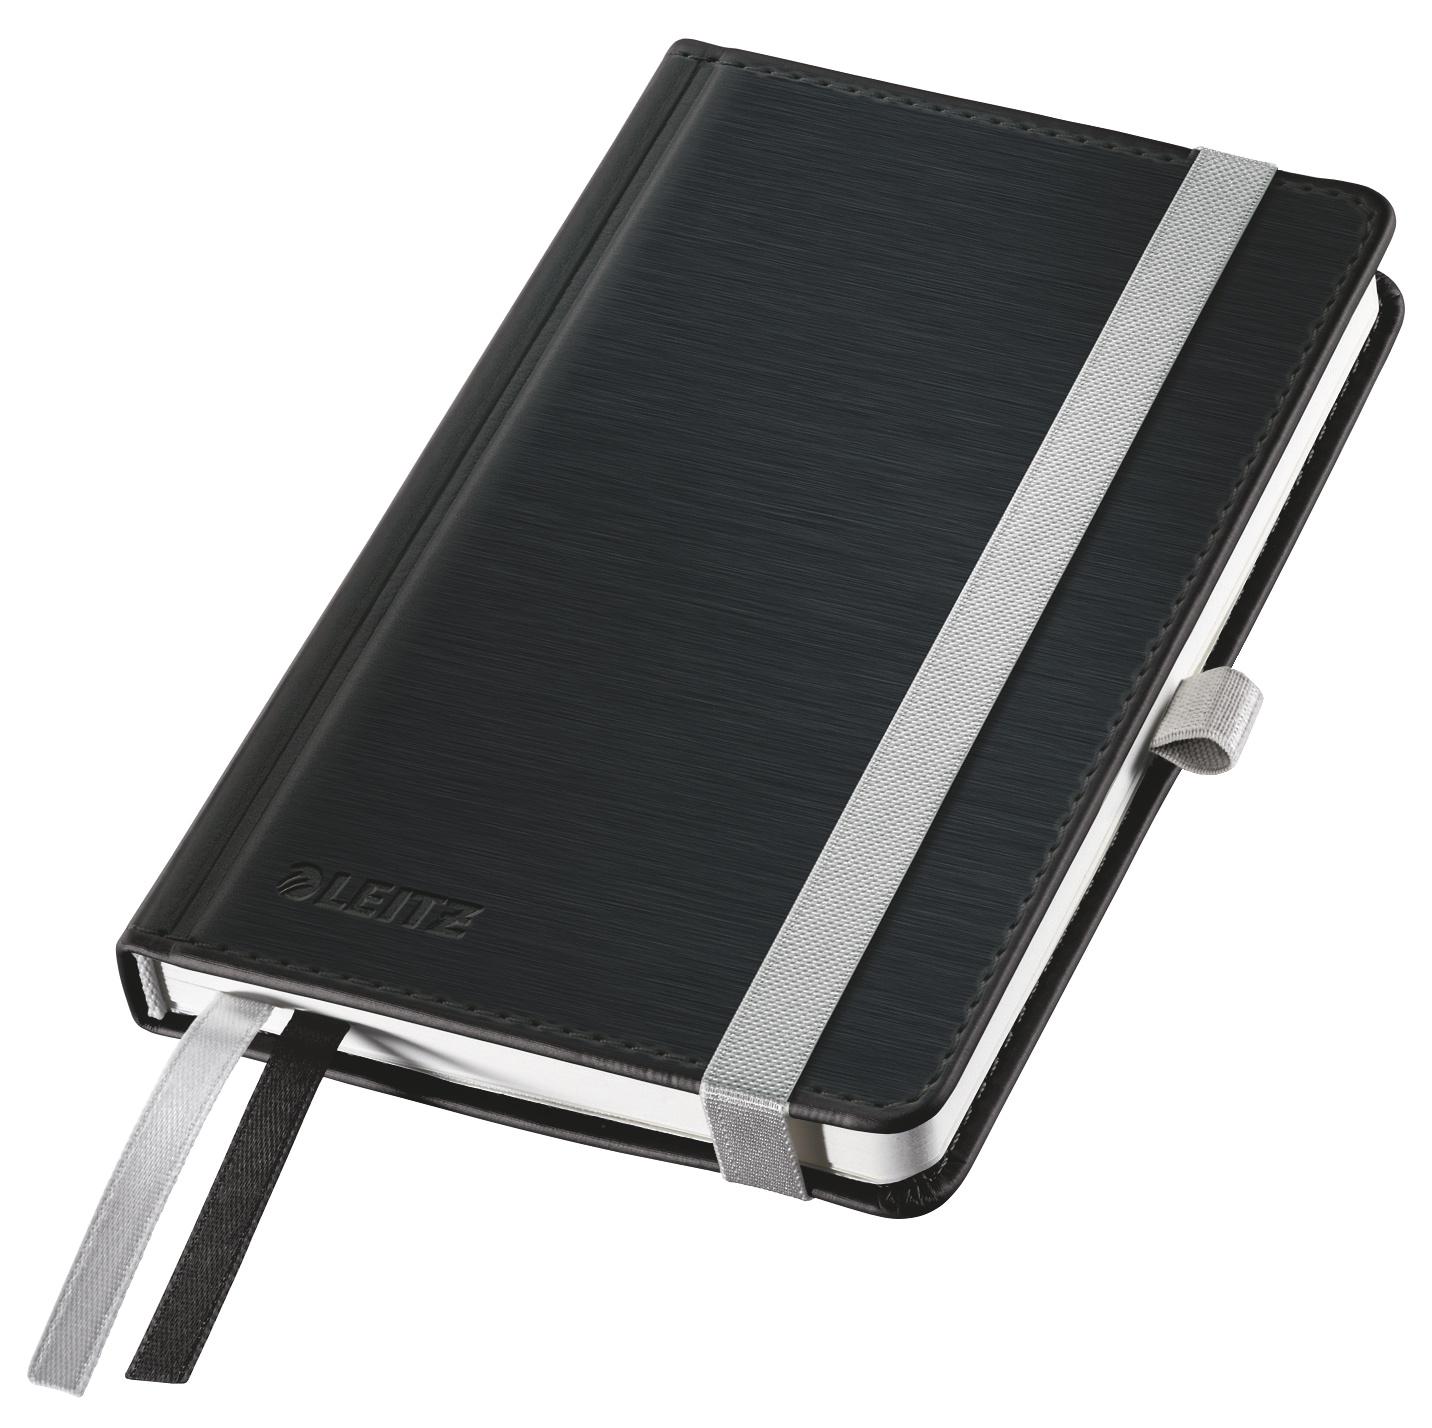 Записная книжка Leitz Записная книга Style, А6, клетка, черный сталь, 80 листов